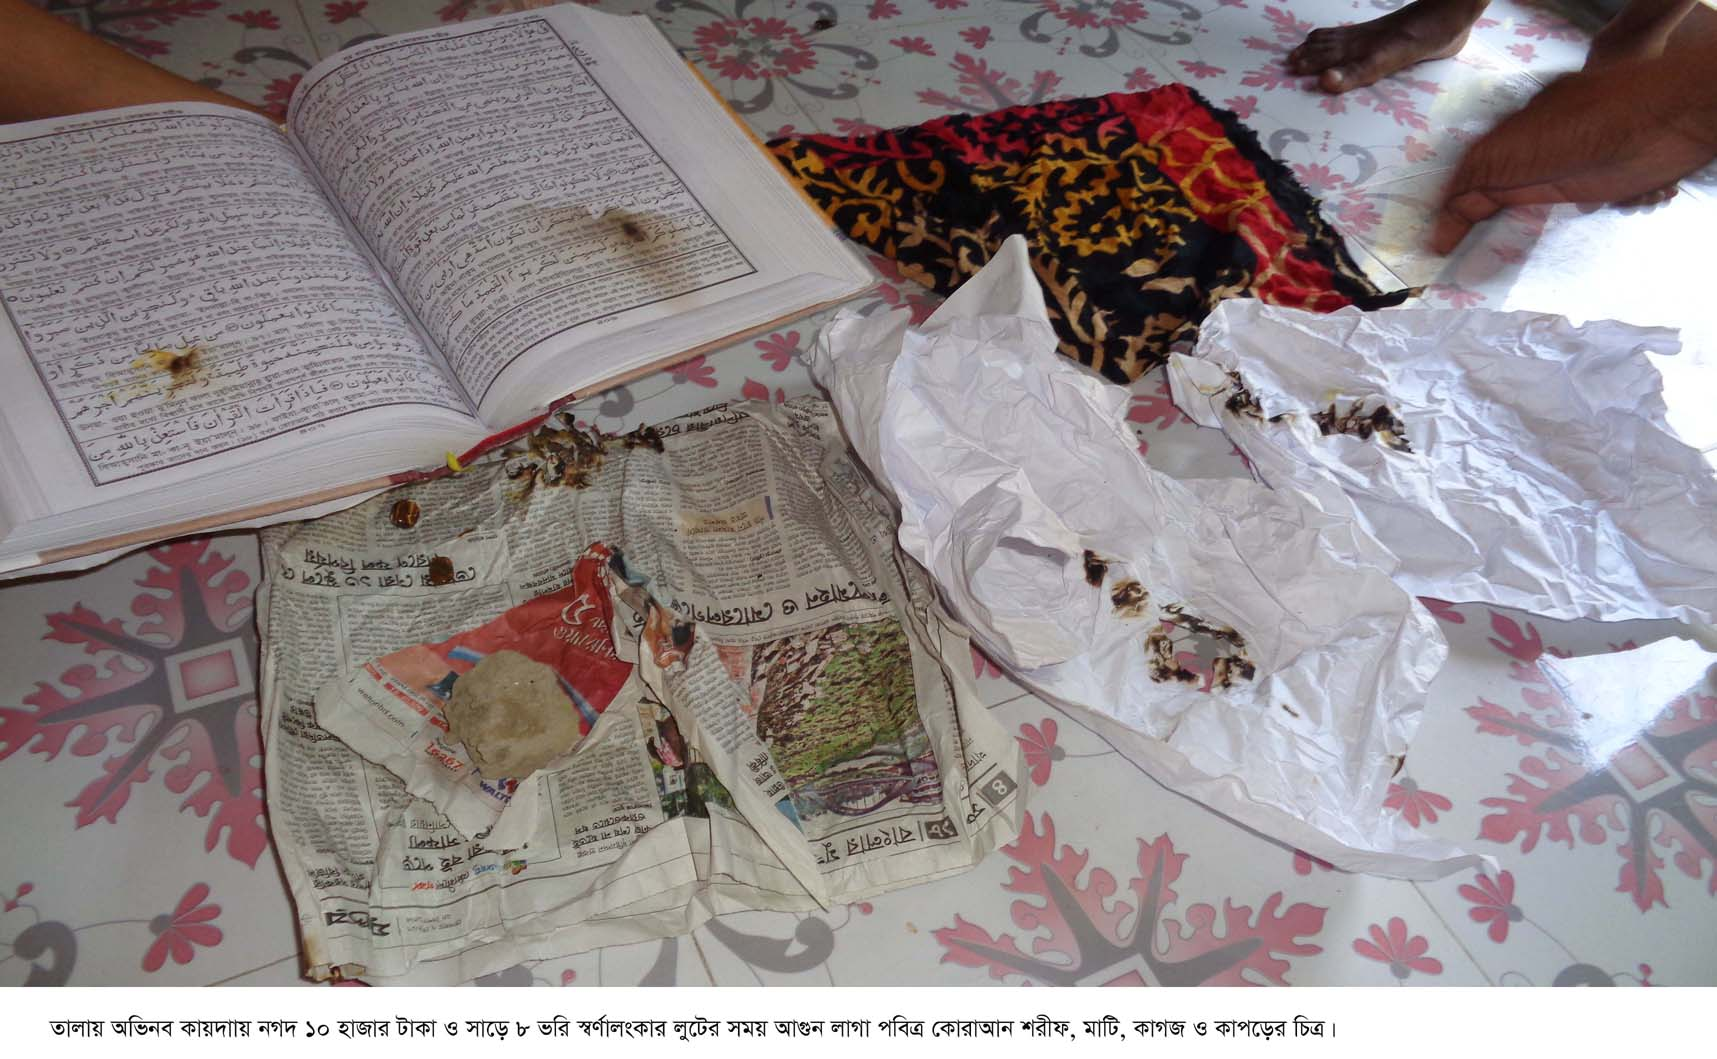 তালায় অভিনব কায়দায় ১০ হাজার টাকা ও সাড়ে ৮ ভরি স্বর্ণাংকার লুট